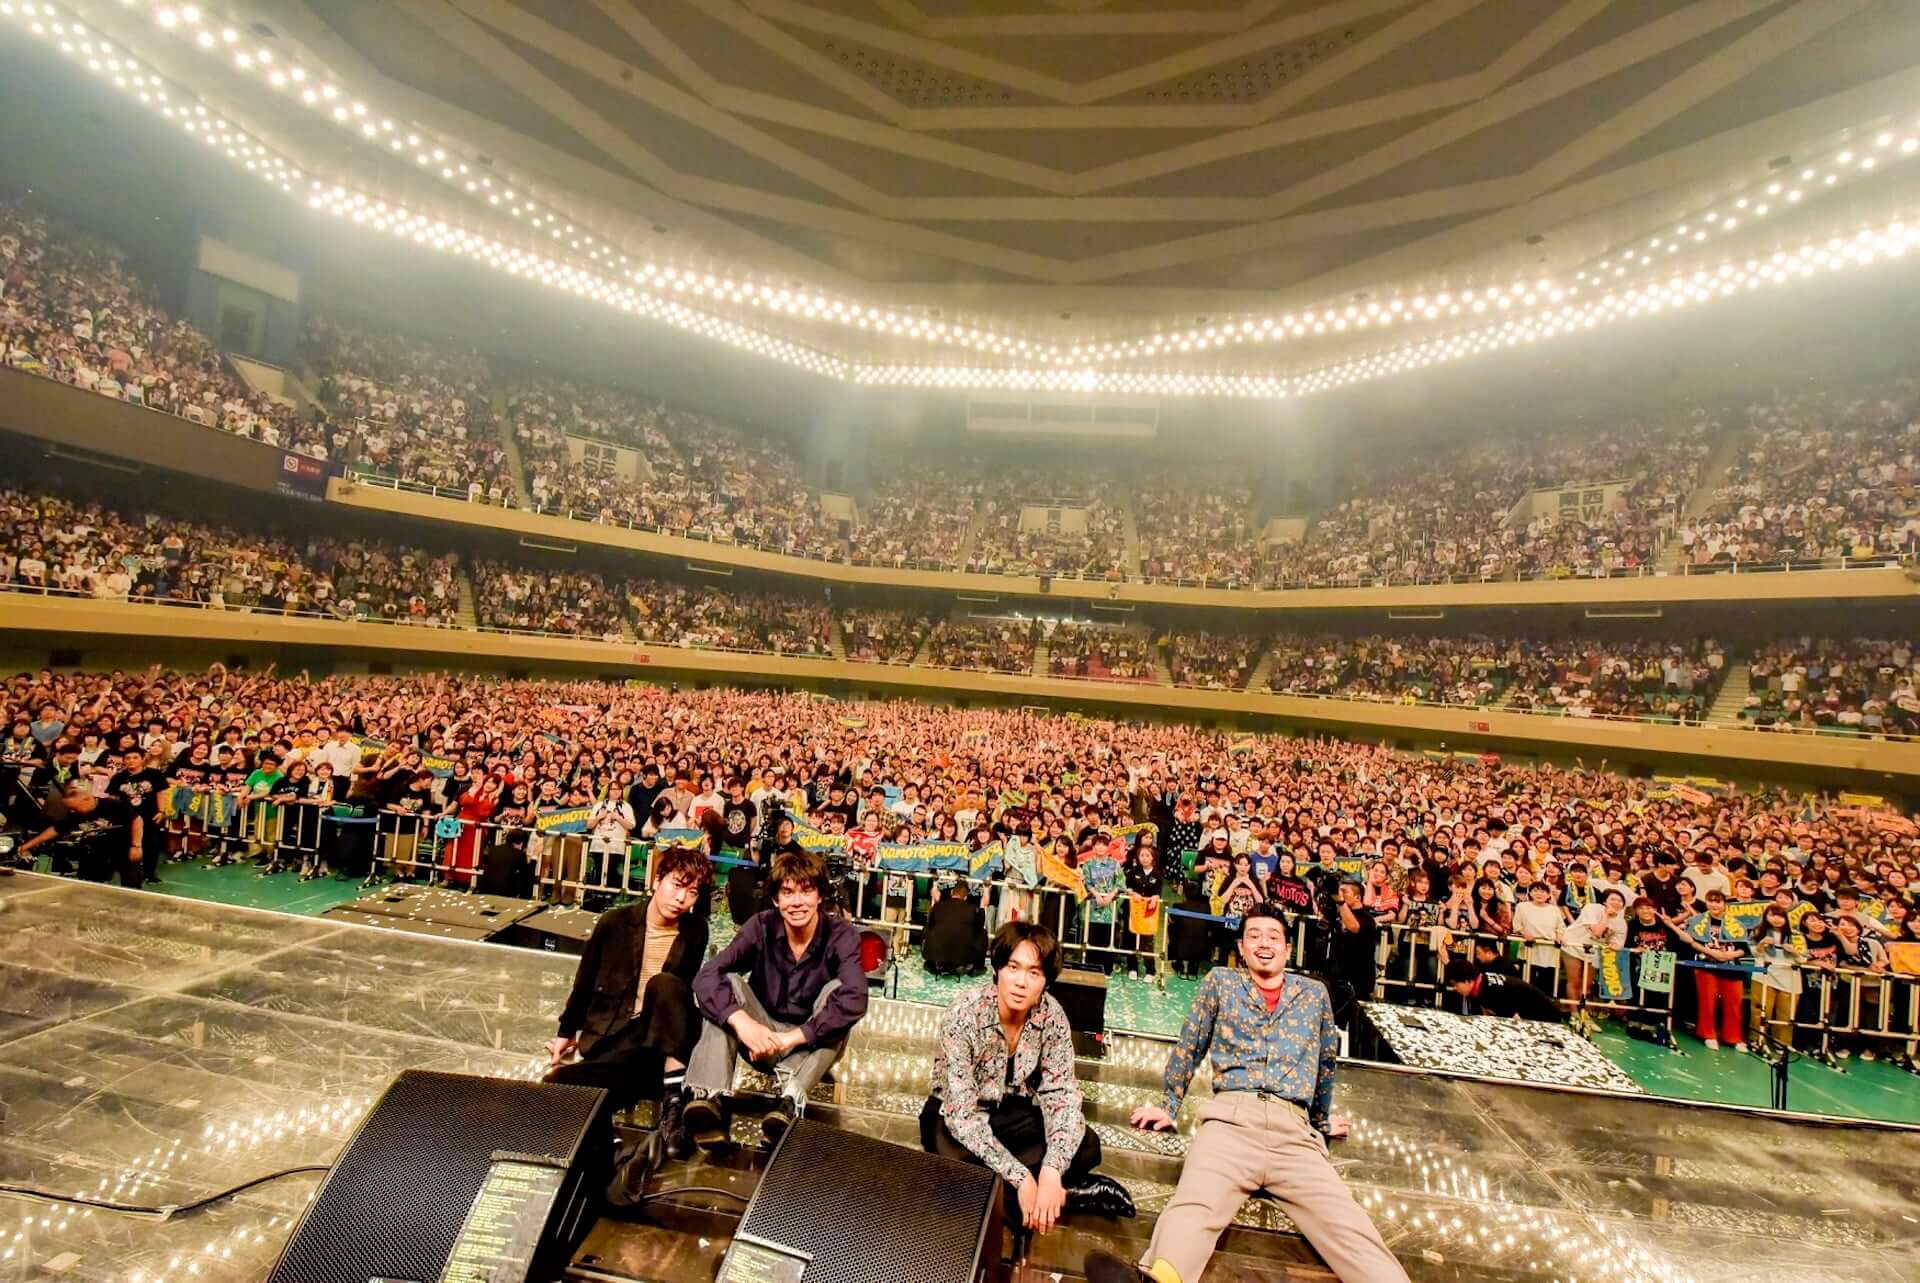 デビュー10周年を迎えたOKAMOTO'S、初の武道館ワンマン公演を超満員の観客が祝福! music190628_okamotos_main-1920x1283